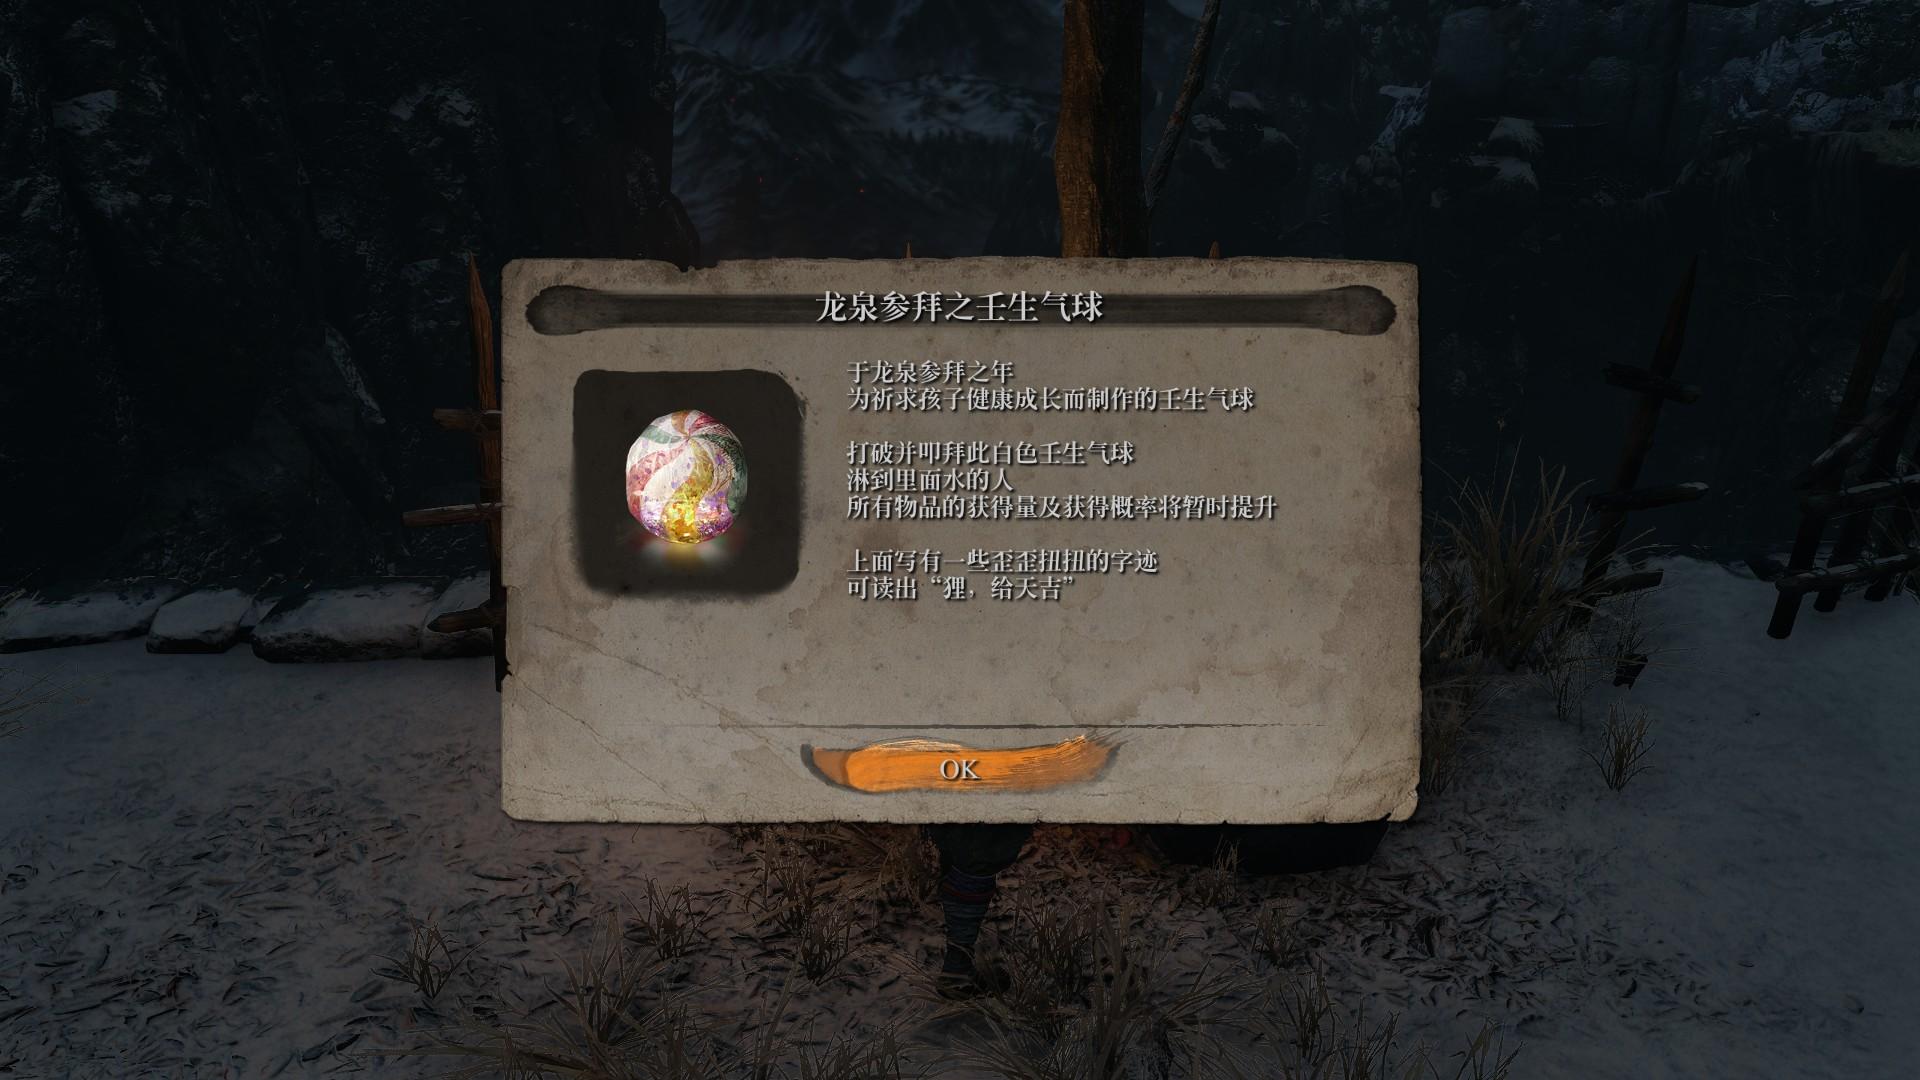 只狼龙泉参拜之壬生气球获取方法 怎么获得龙泉